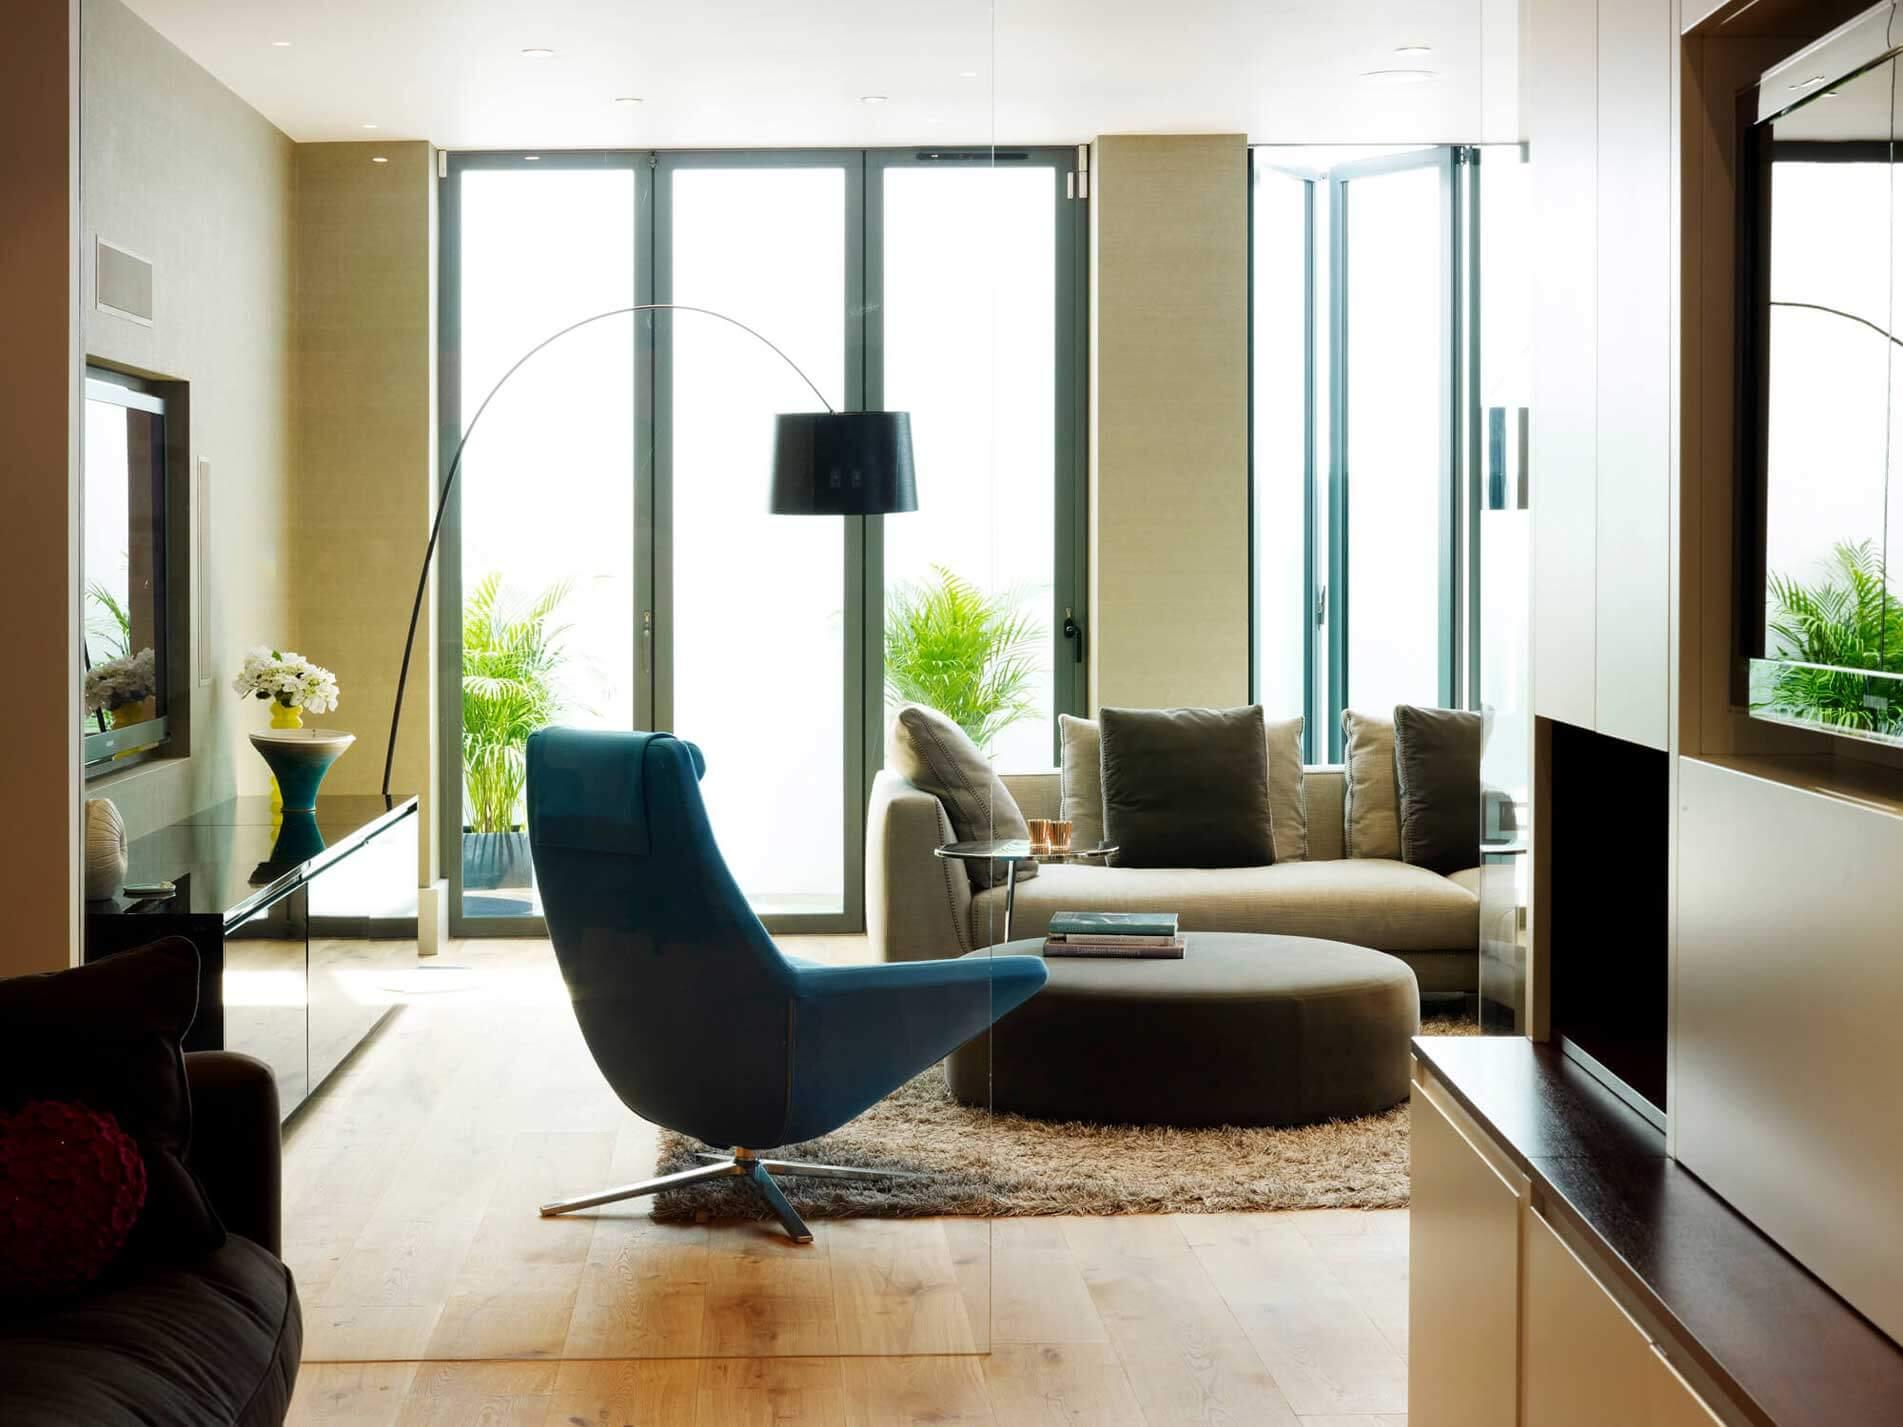 OLBC Design & Planning